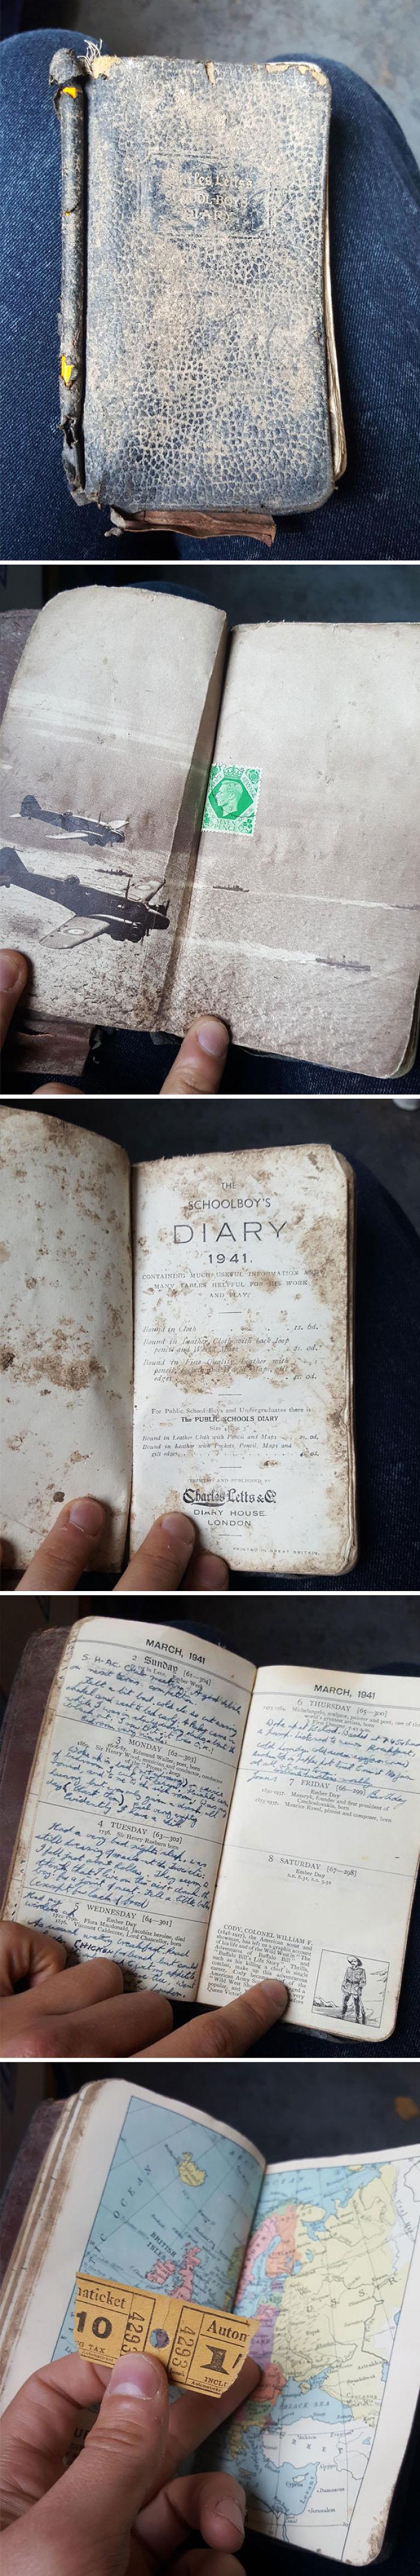 My Friend Works In Recycling. Encontró un diario lleno desde 1941